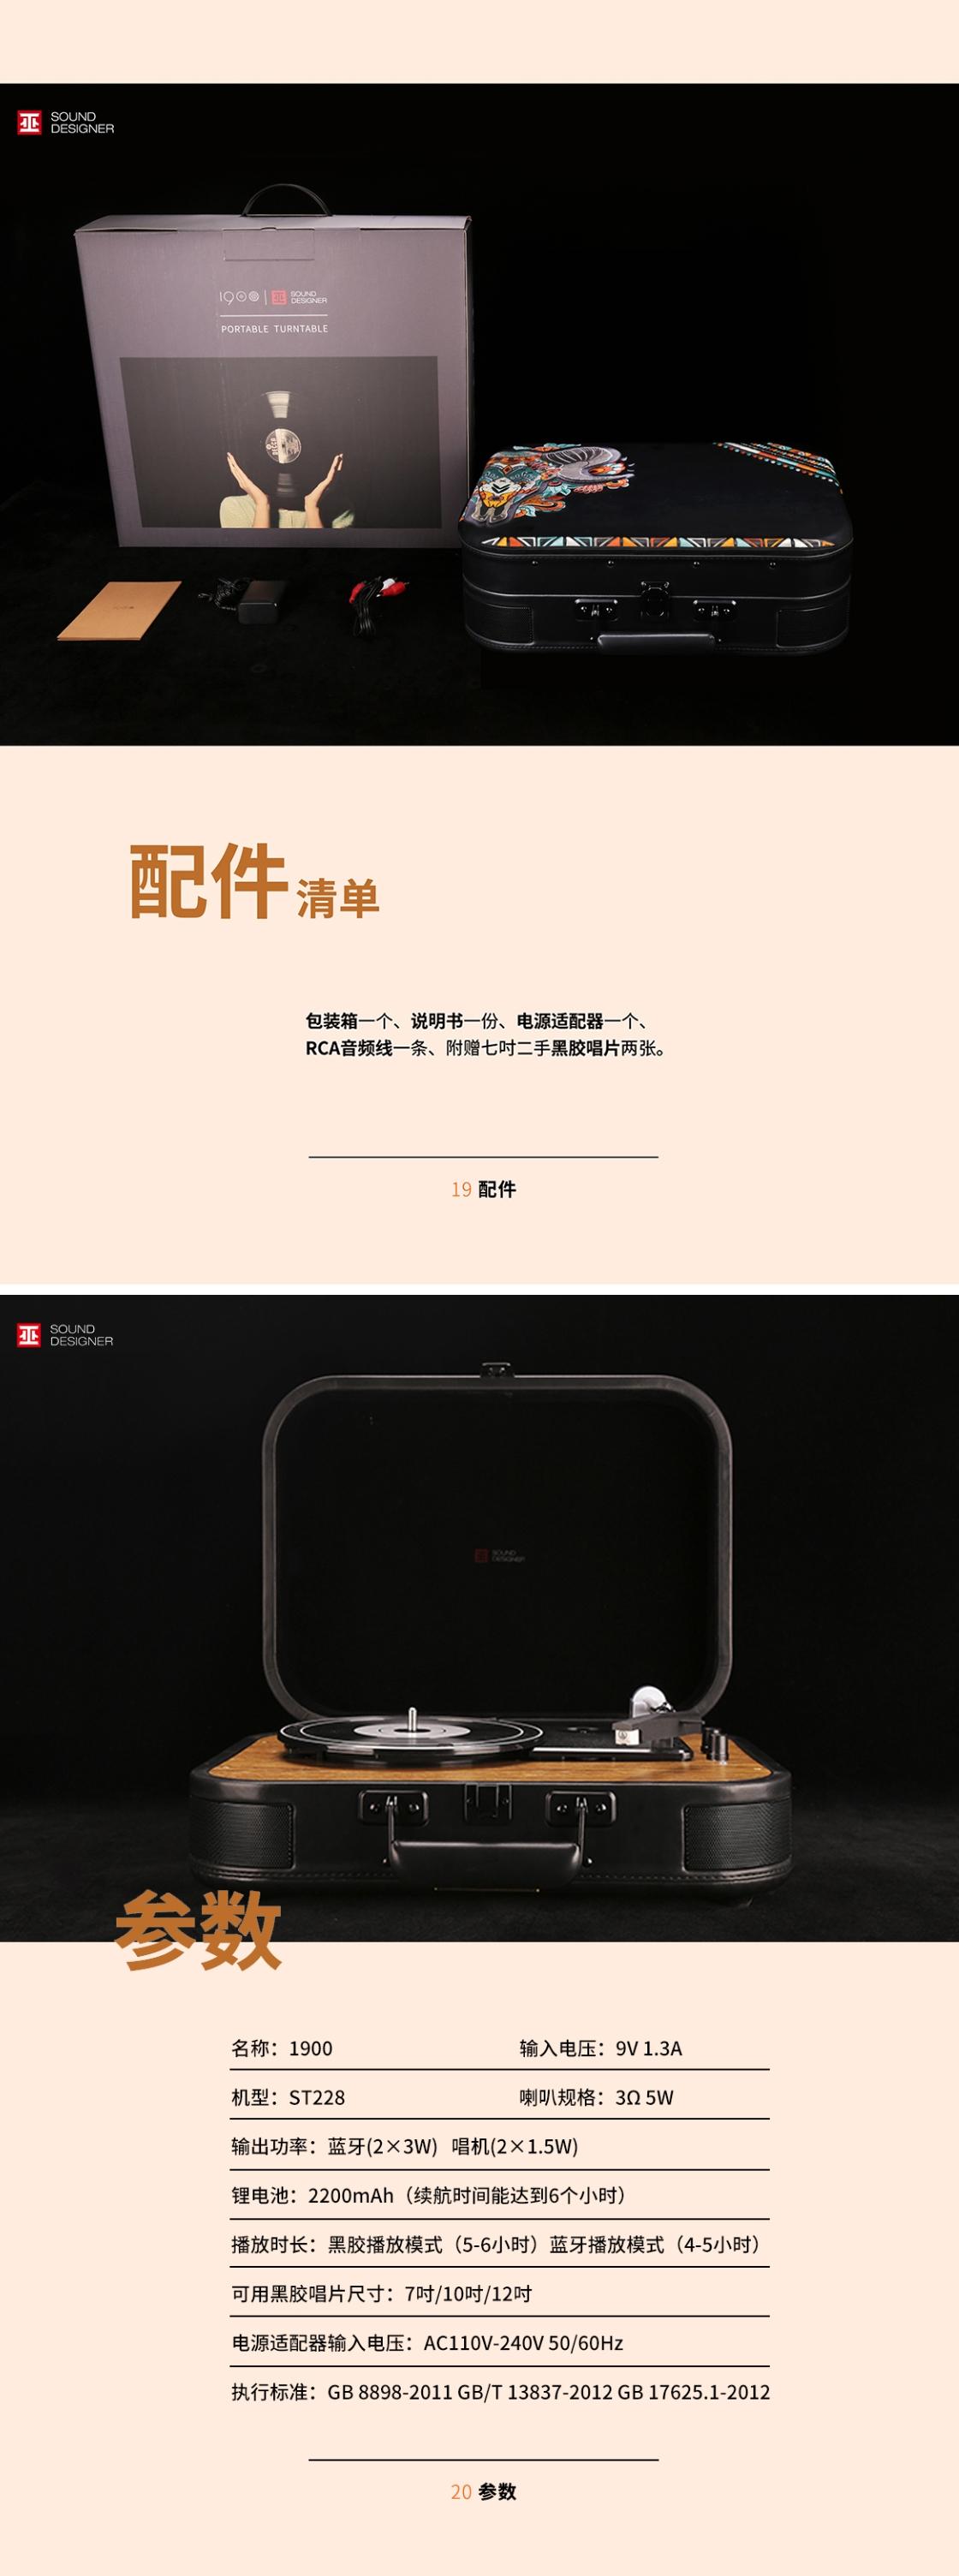 file_1.jpg